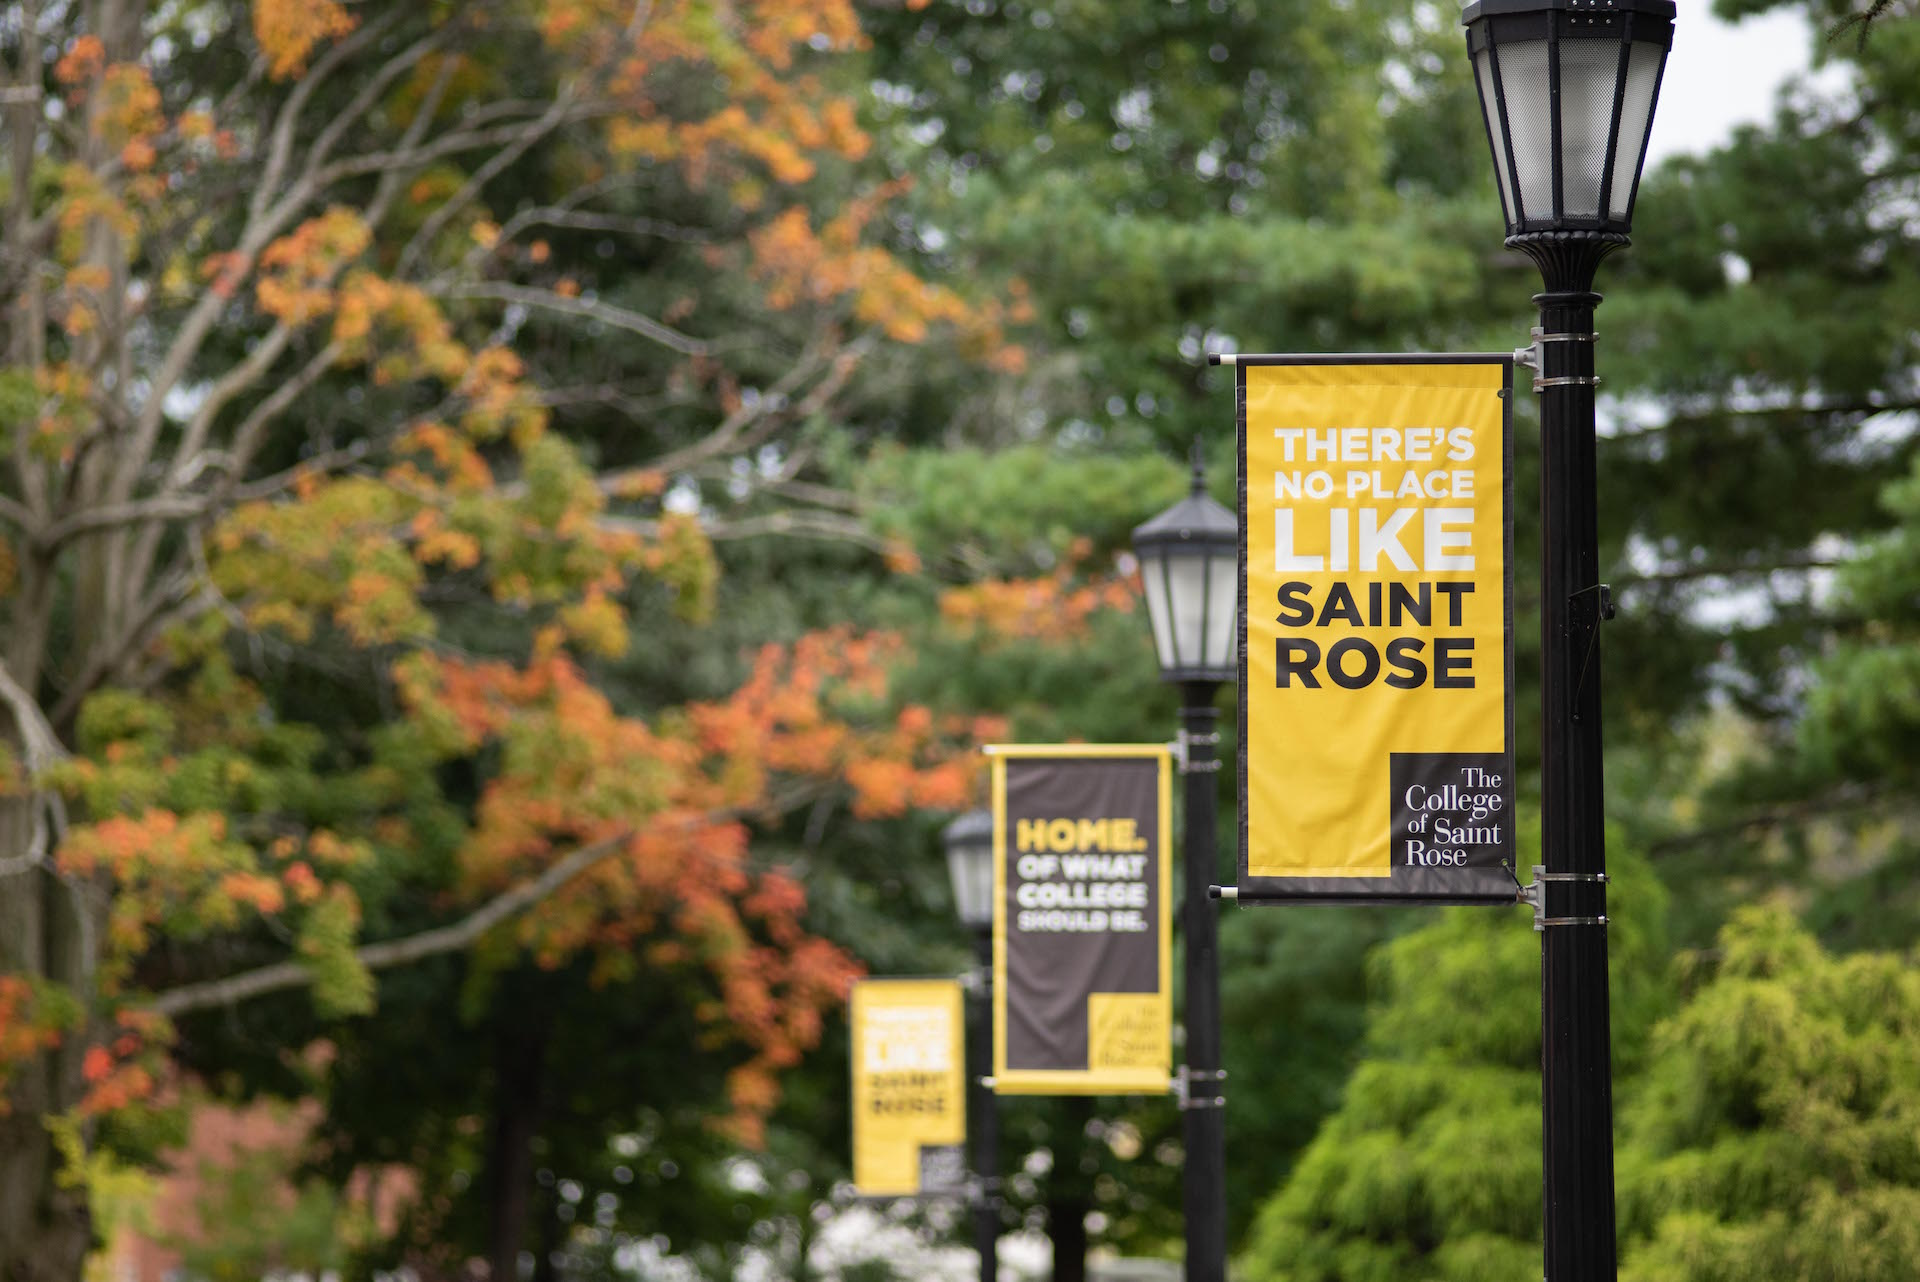 Saint Rose flags along lightpoles